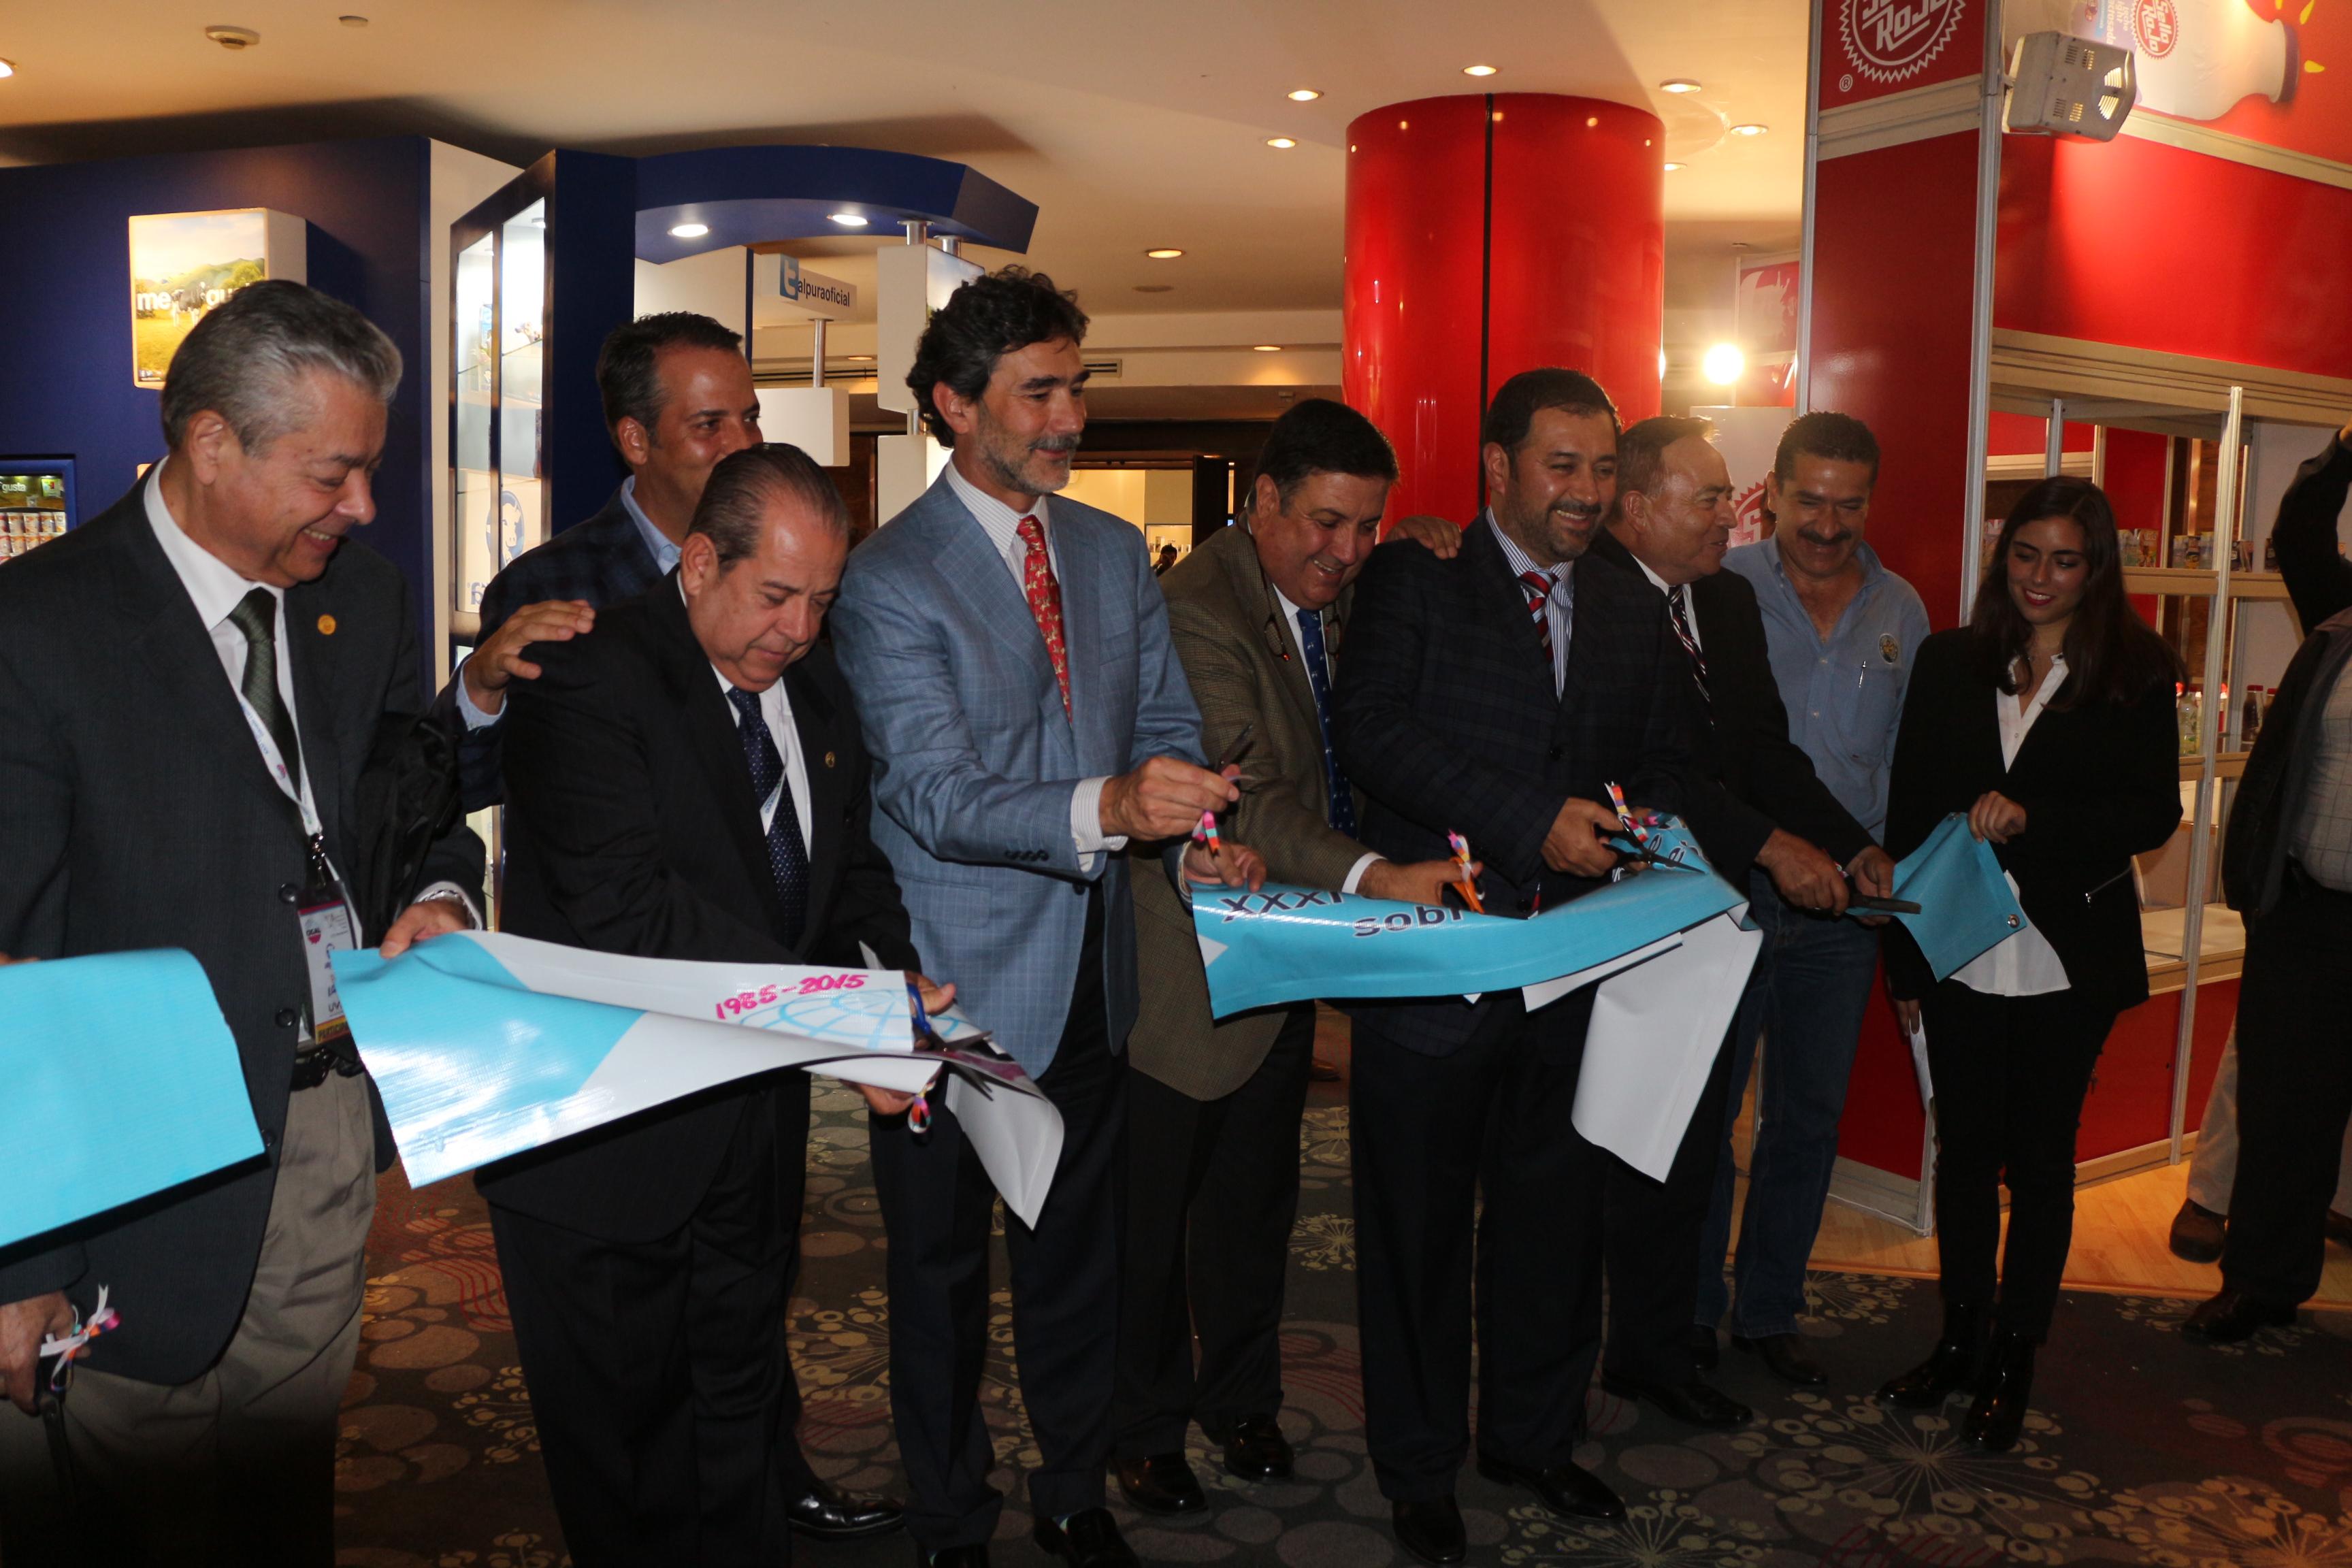 Con la representación del Presidente de la República, Enrique Peña Nieto, el coordinador general de Ganadería, Francisco Gurría Treviño, inauguró la XXXI Conferencia Internacional sobre Ganado Lechero, que se lleva a cabo en la ciudad de Guadalajara, Jal.